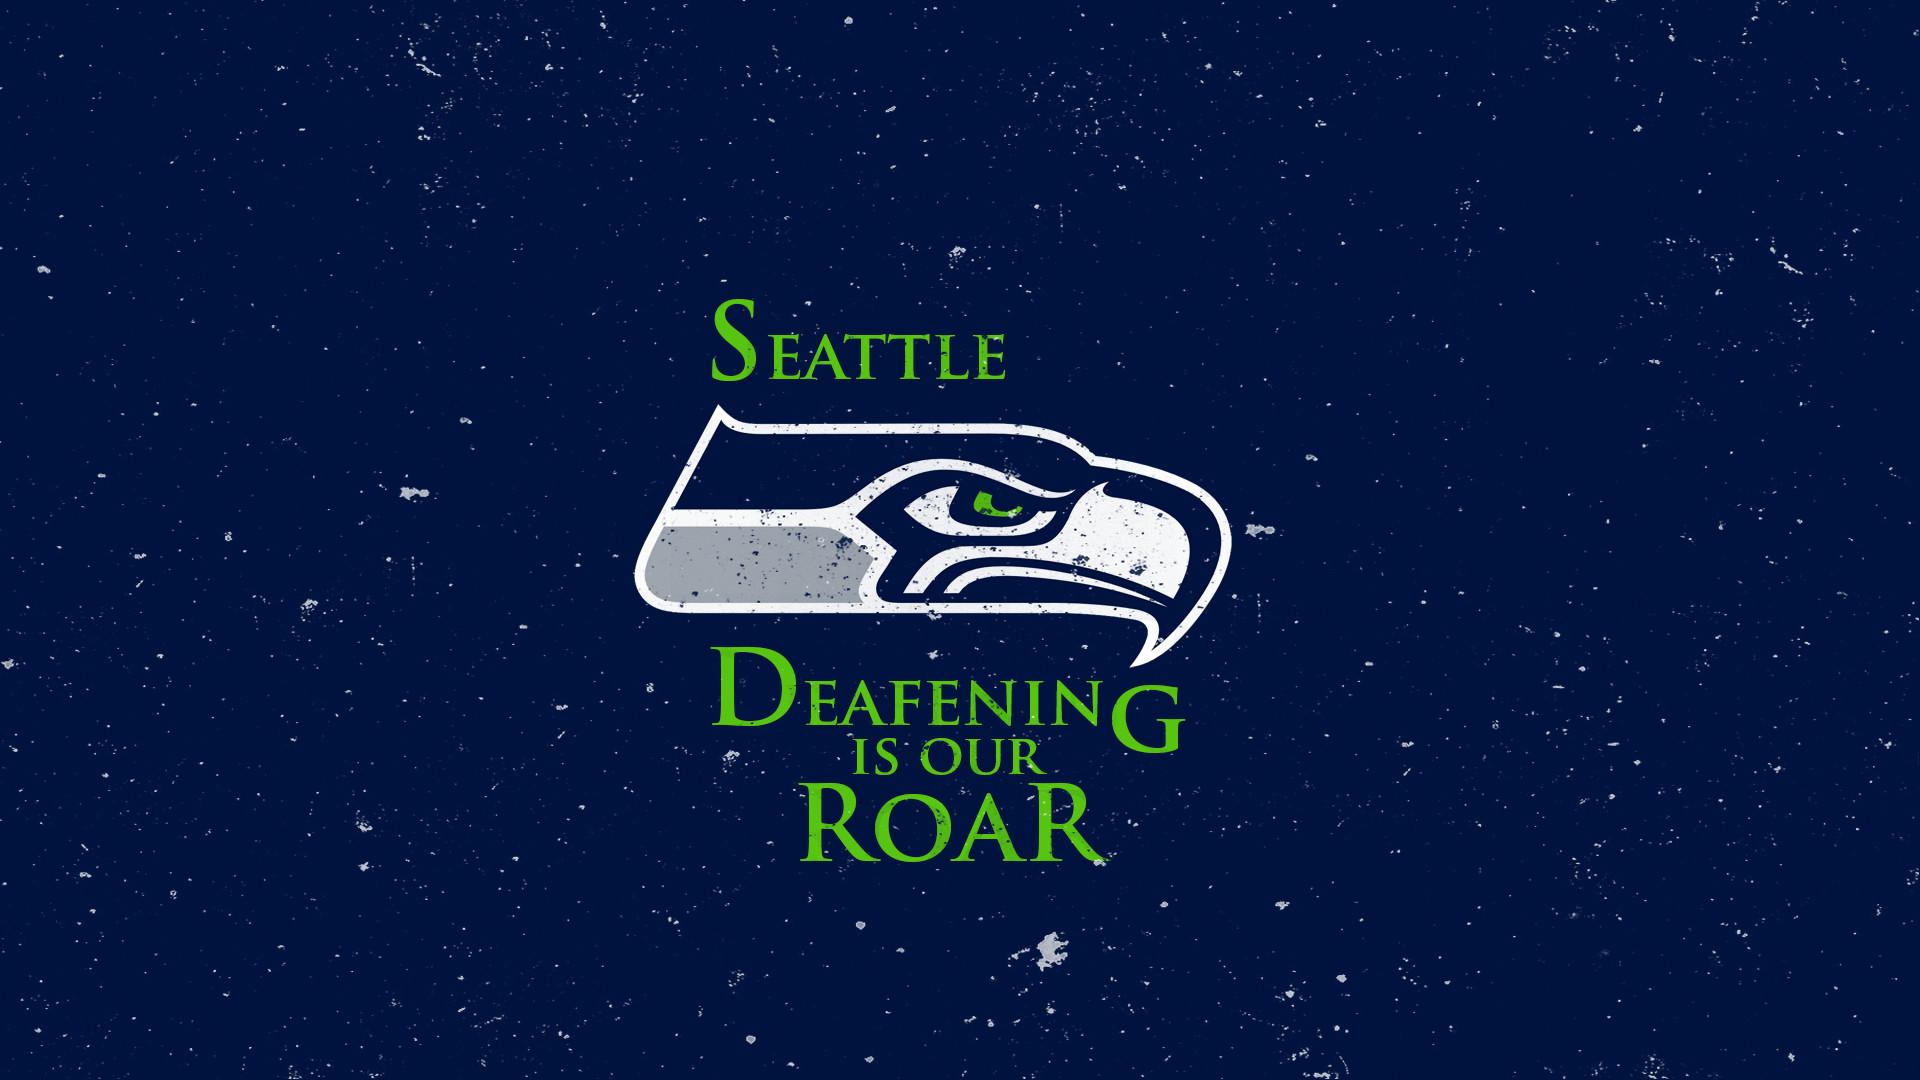 Seattle Seahawks Wallpaper 55978